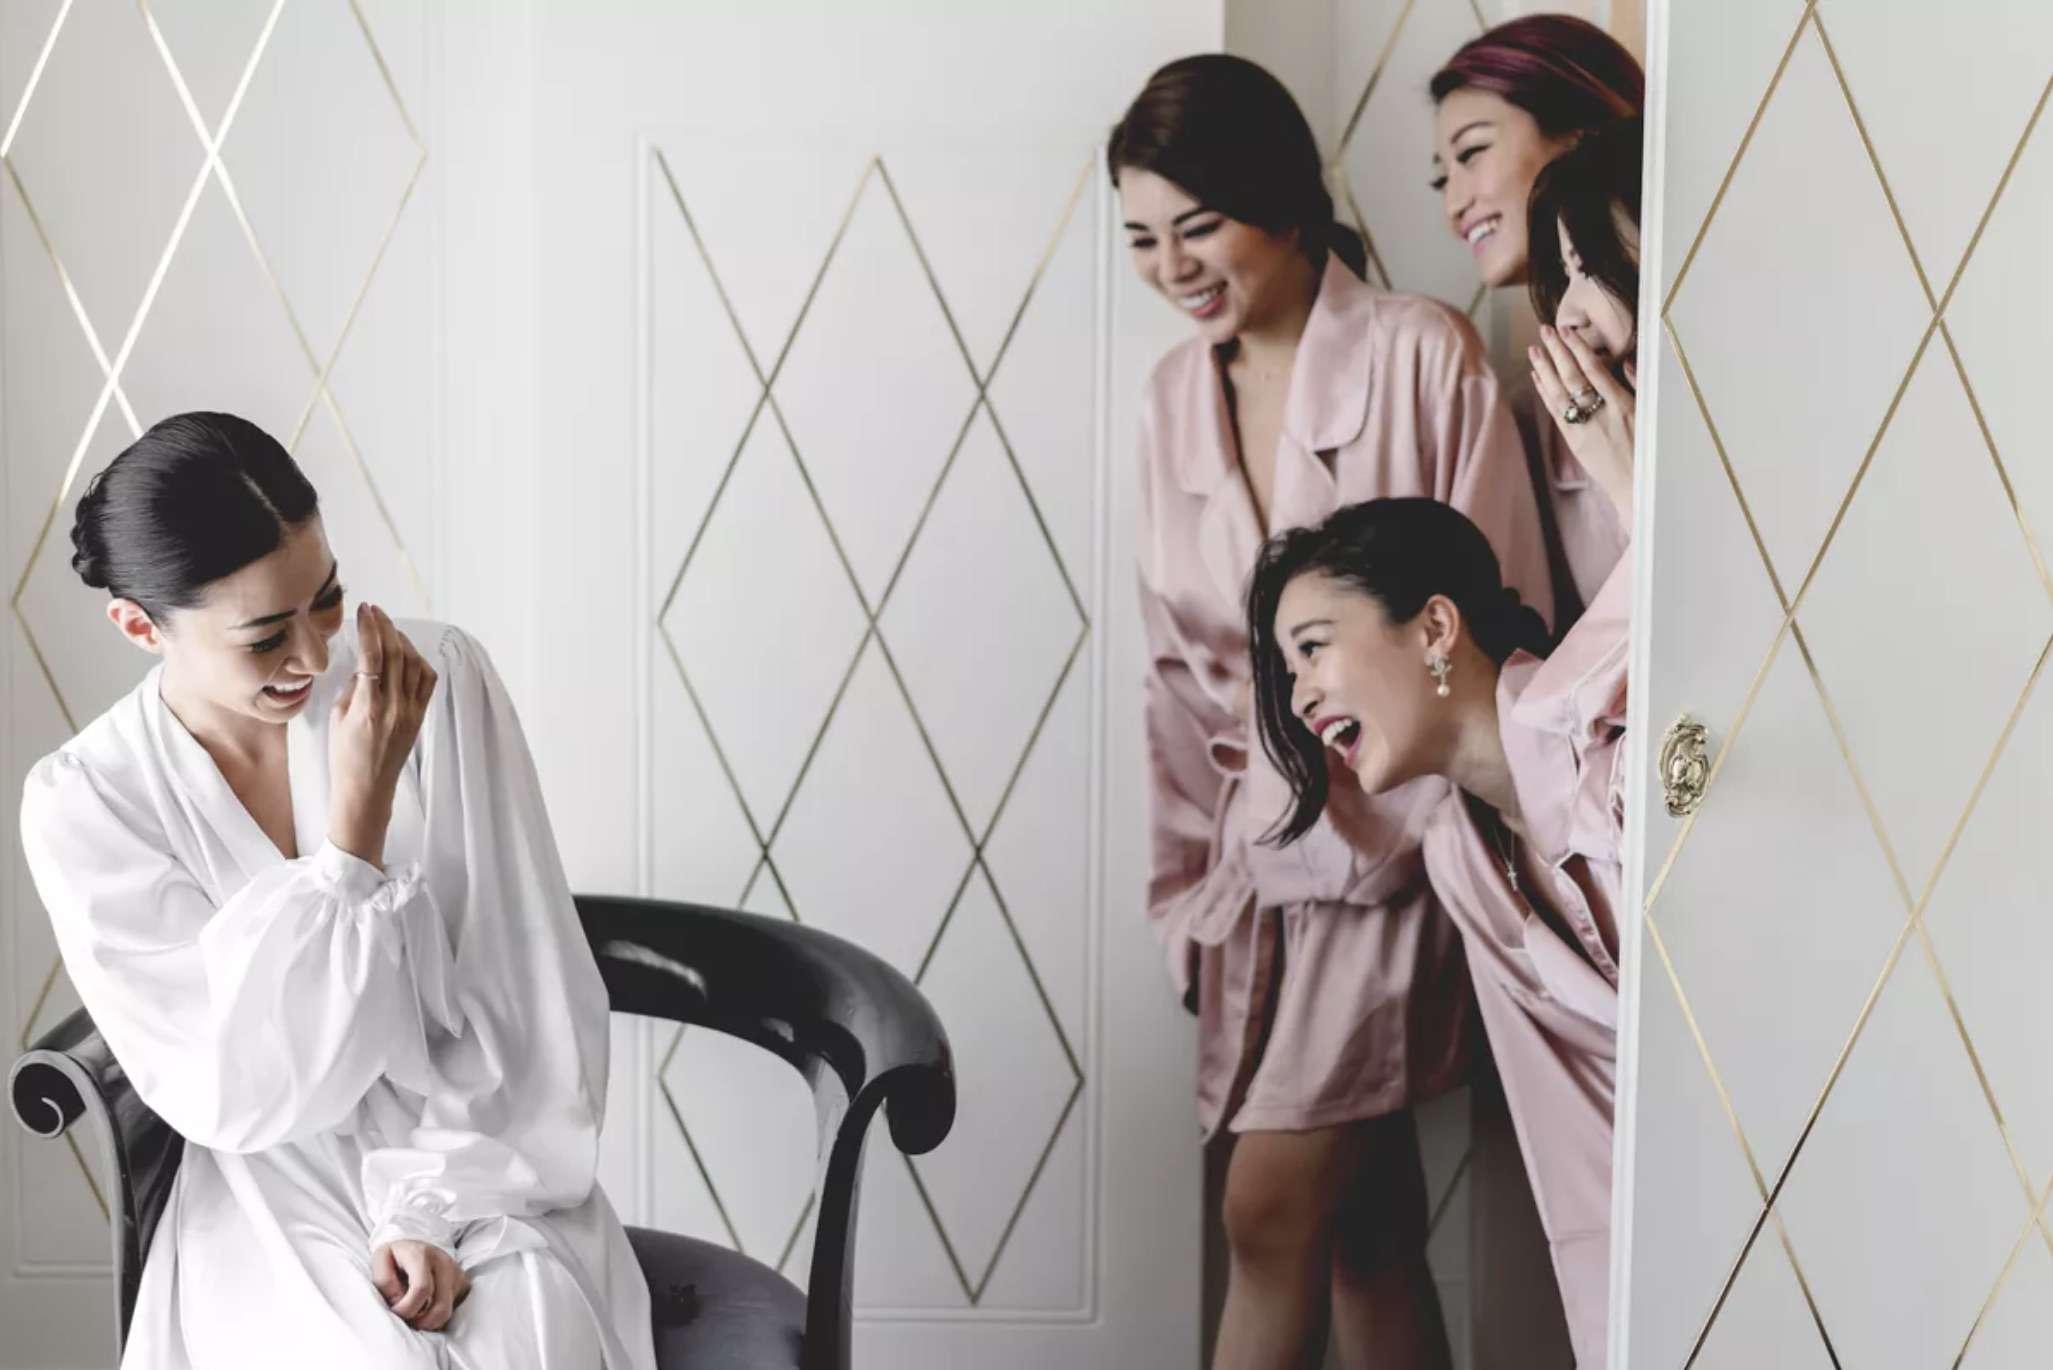 Bridesmaids surprising bride